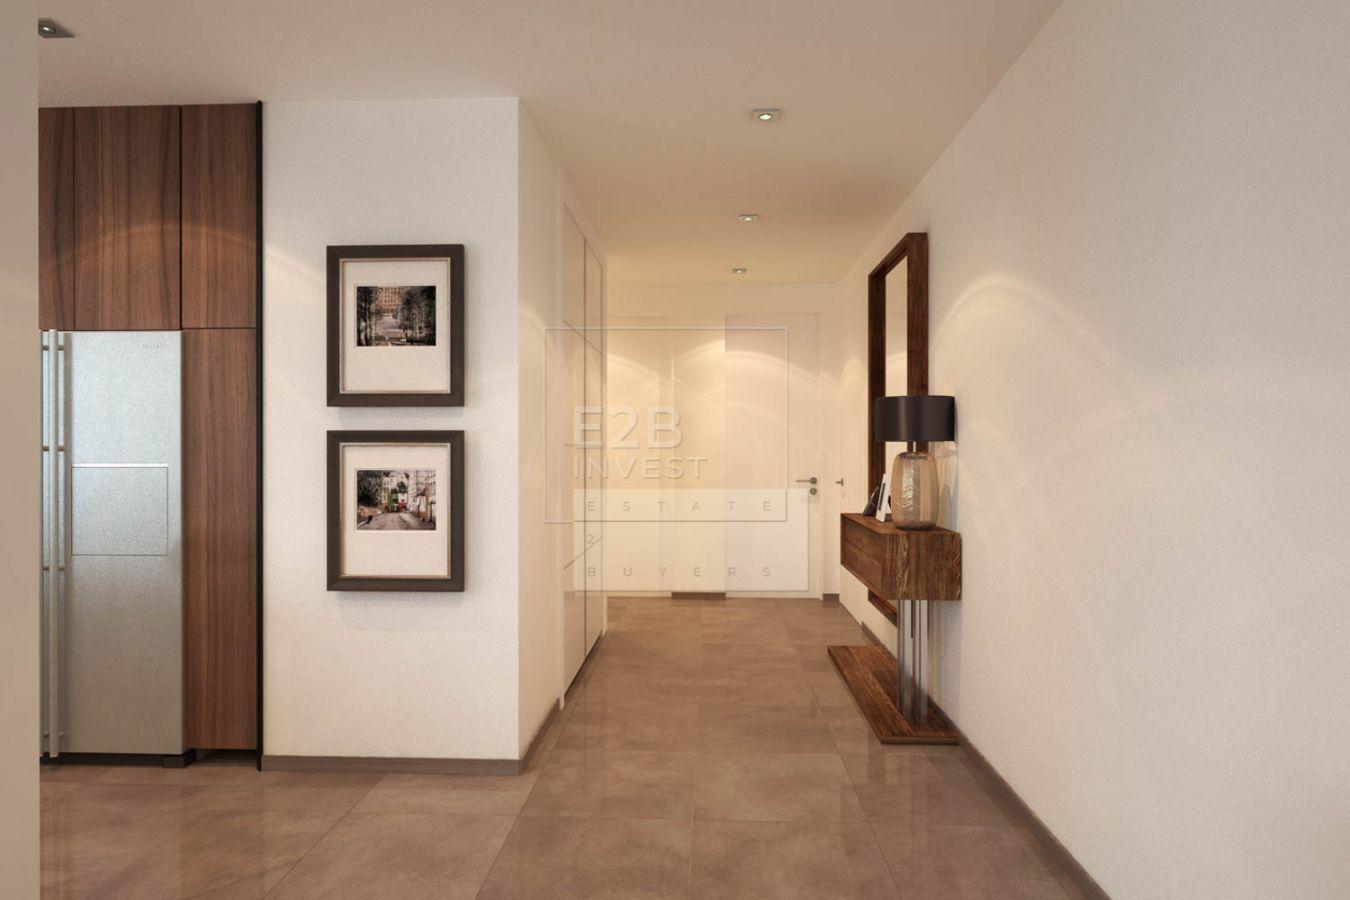 E2B-Invest-appartement-PATA00010-06